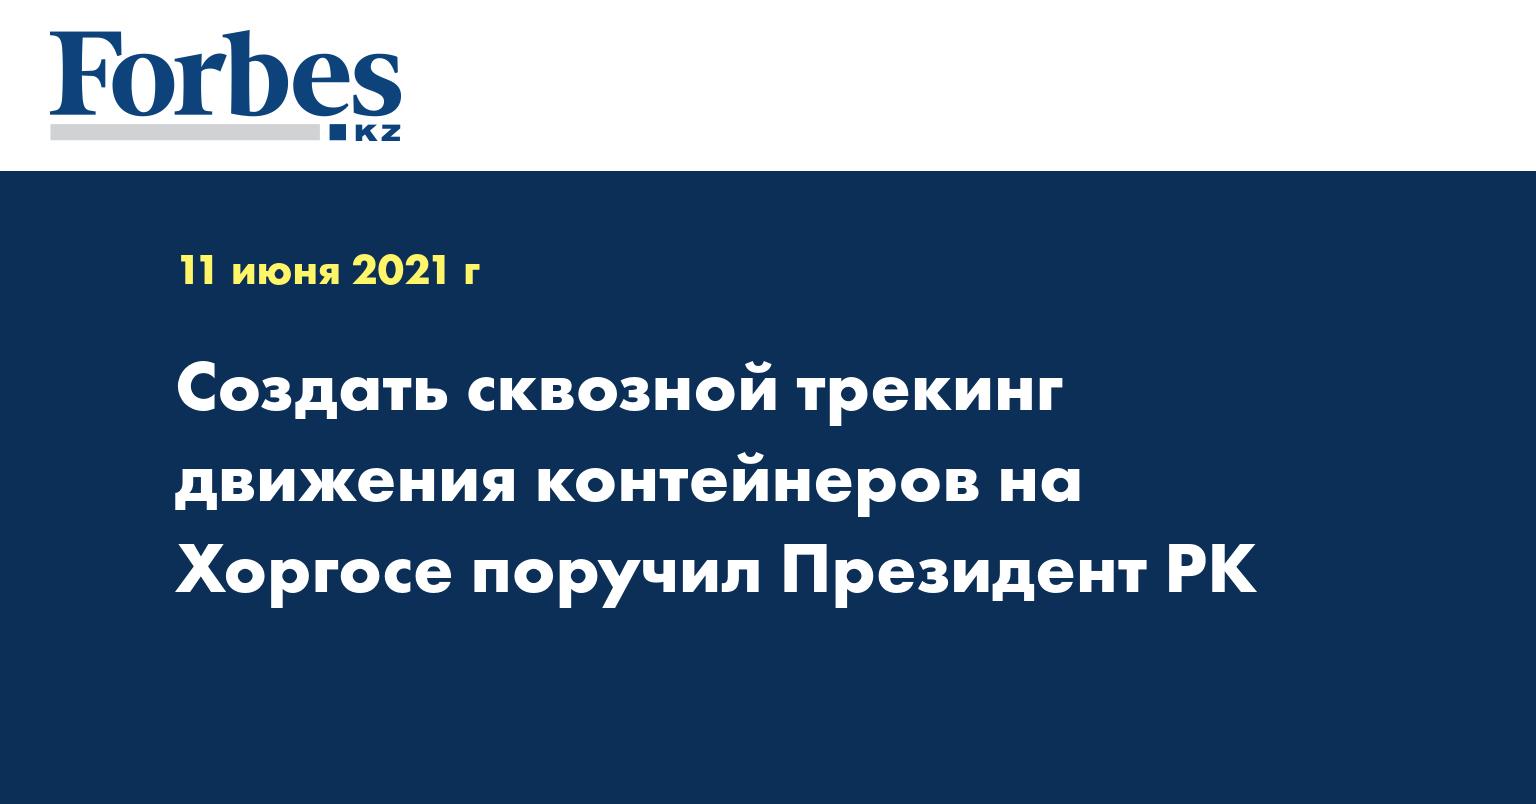 Создать сквозной трекинг движения контейнеров на Хоргосе поручил Президент РК